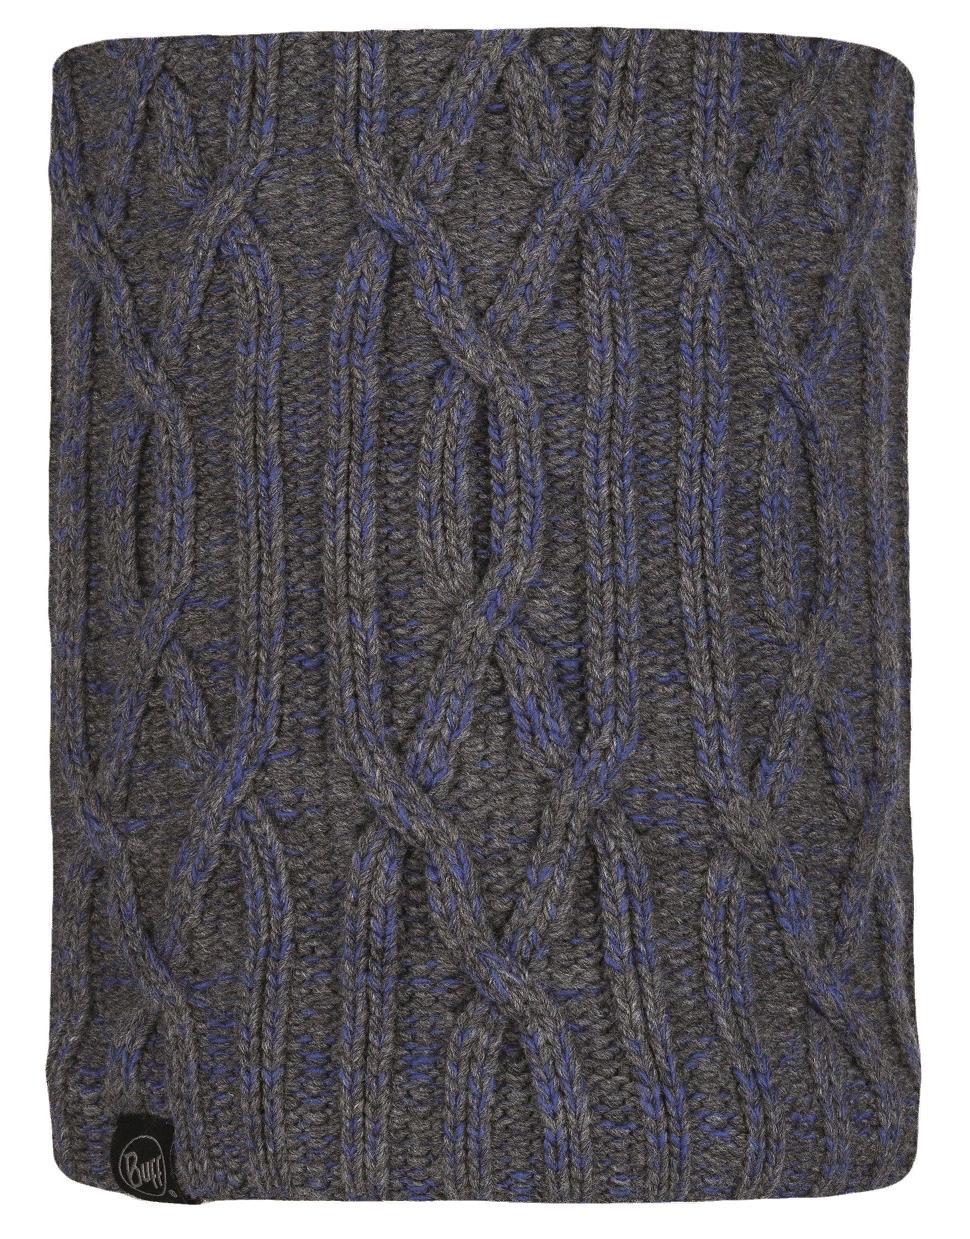 Шарф Buff Knitted & Polar Neckwarmer Idun Grey